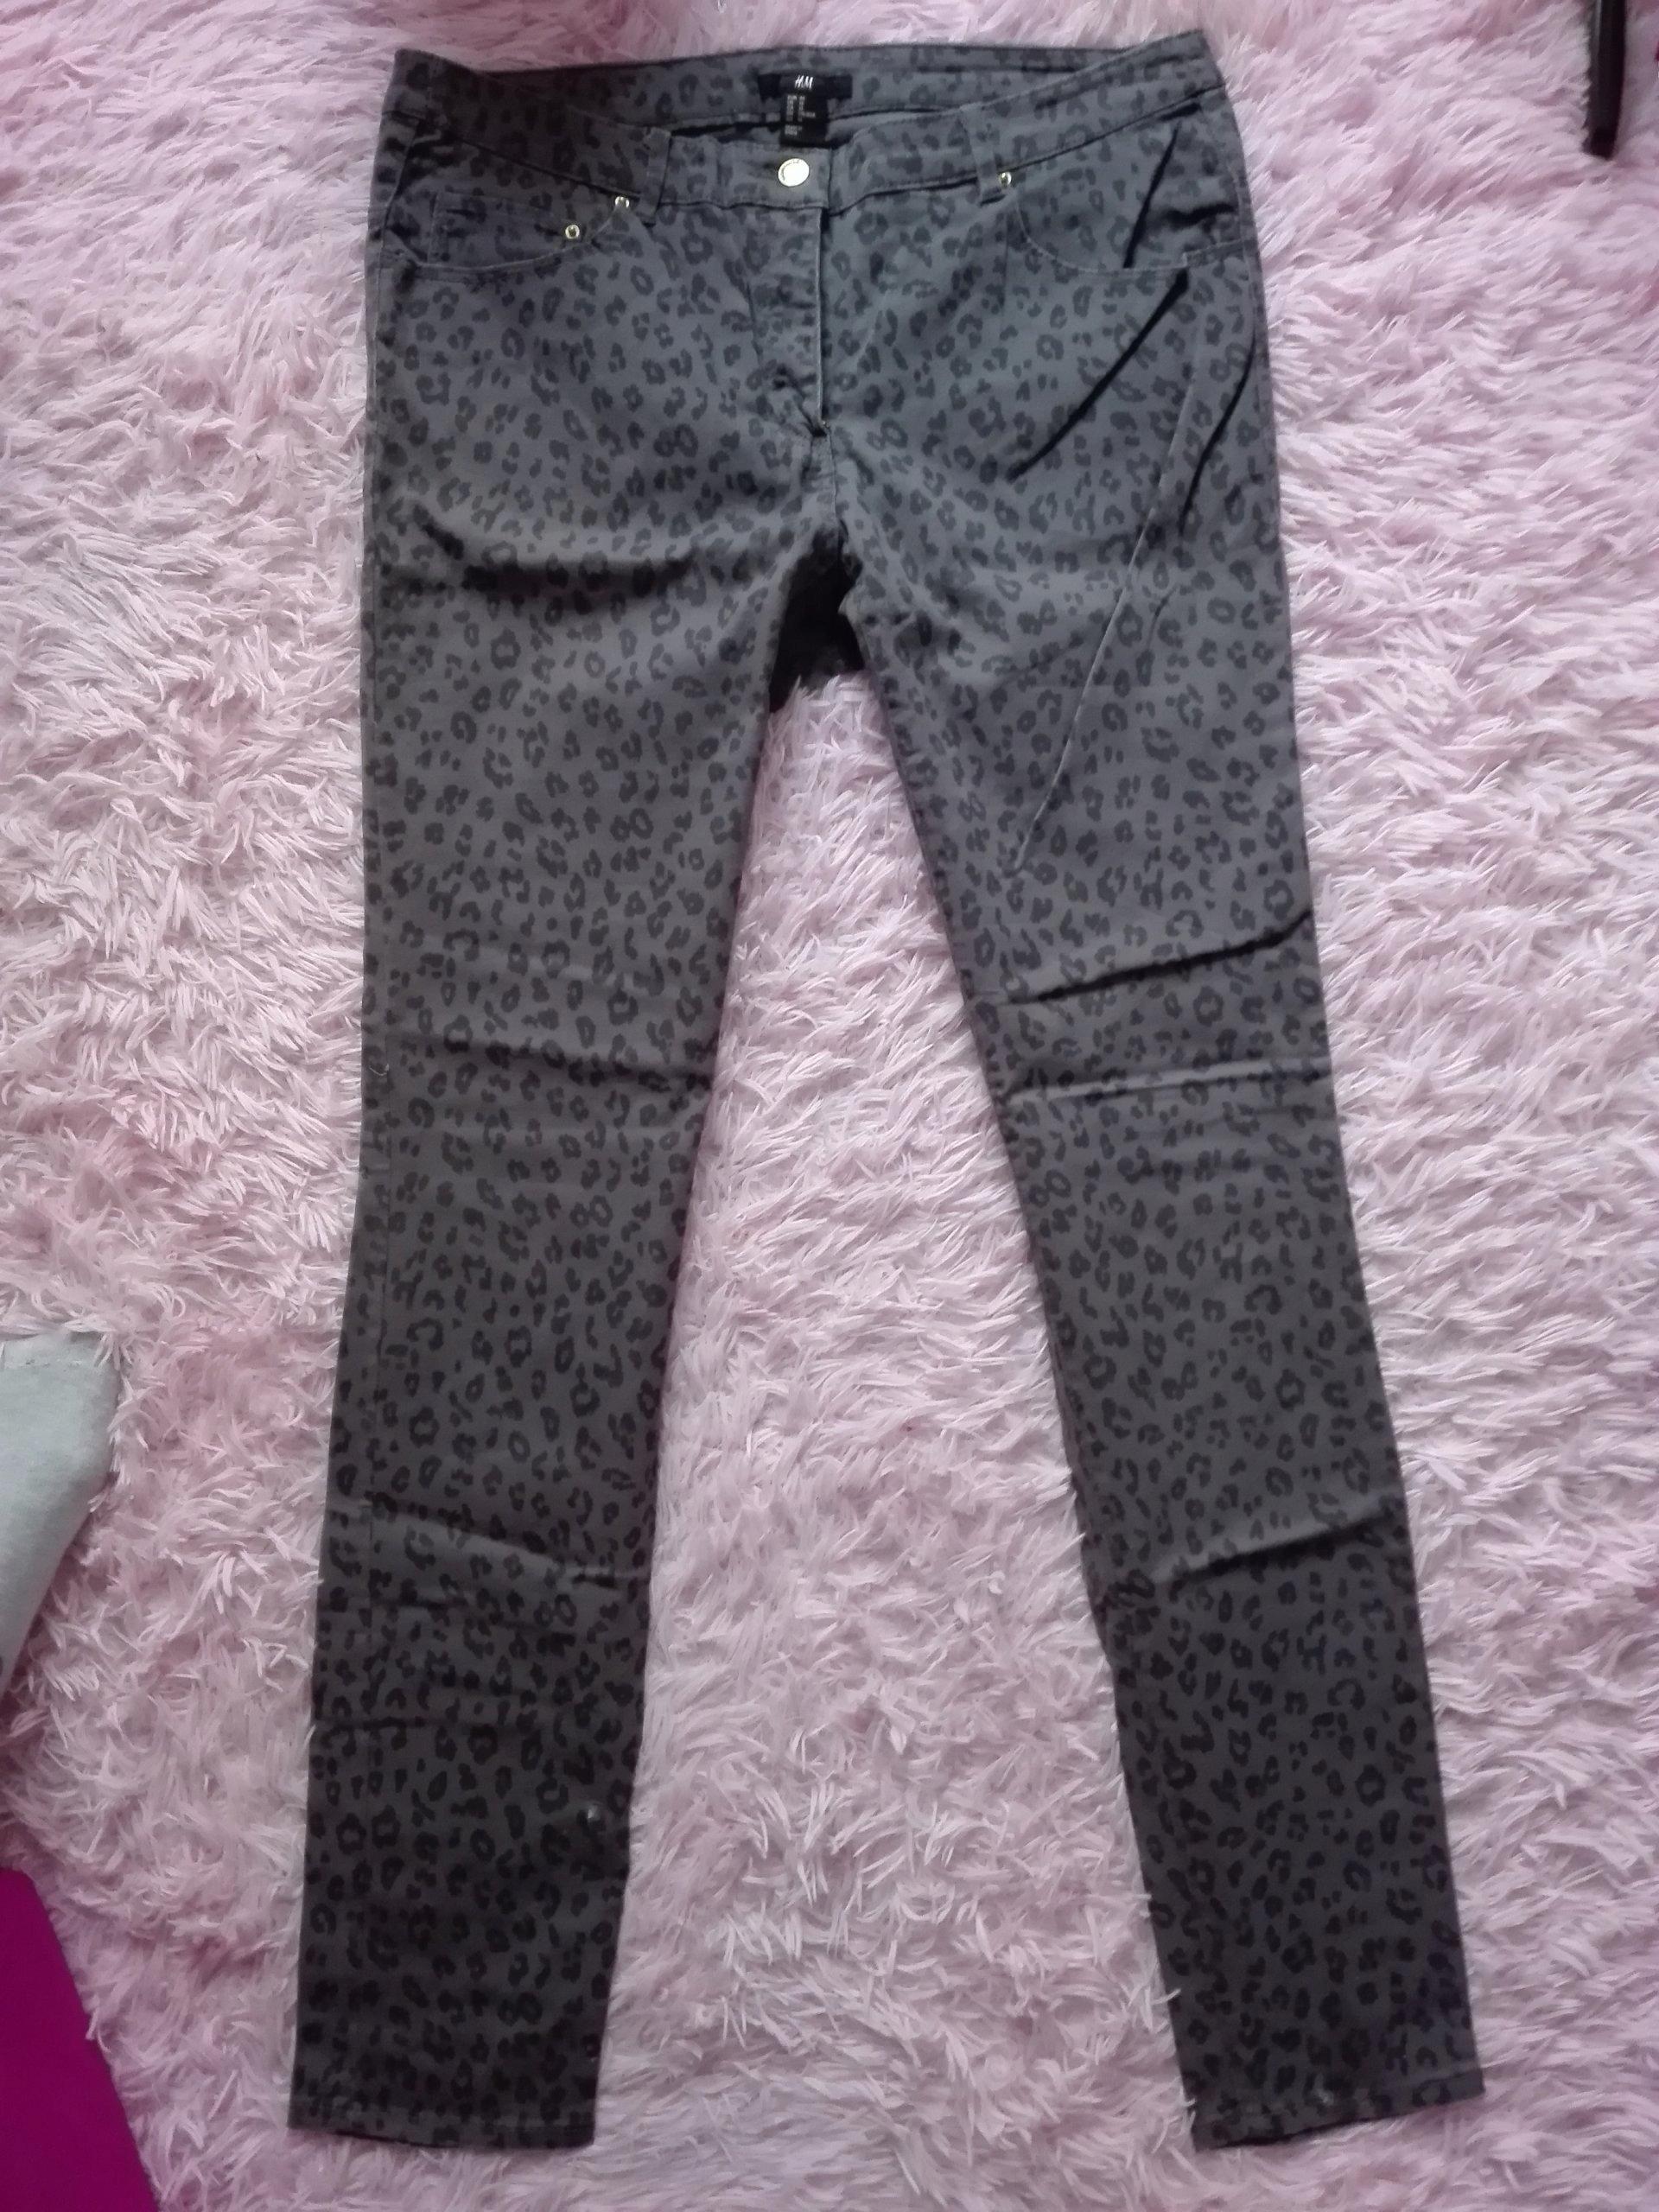 f6b98ae4008c H M spodnie jeans rurki cętki 40 42 - 7553006158 - oficjalne ...